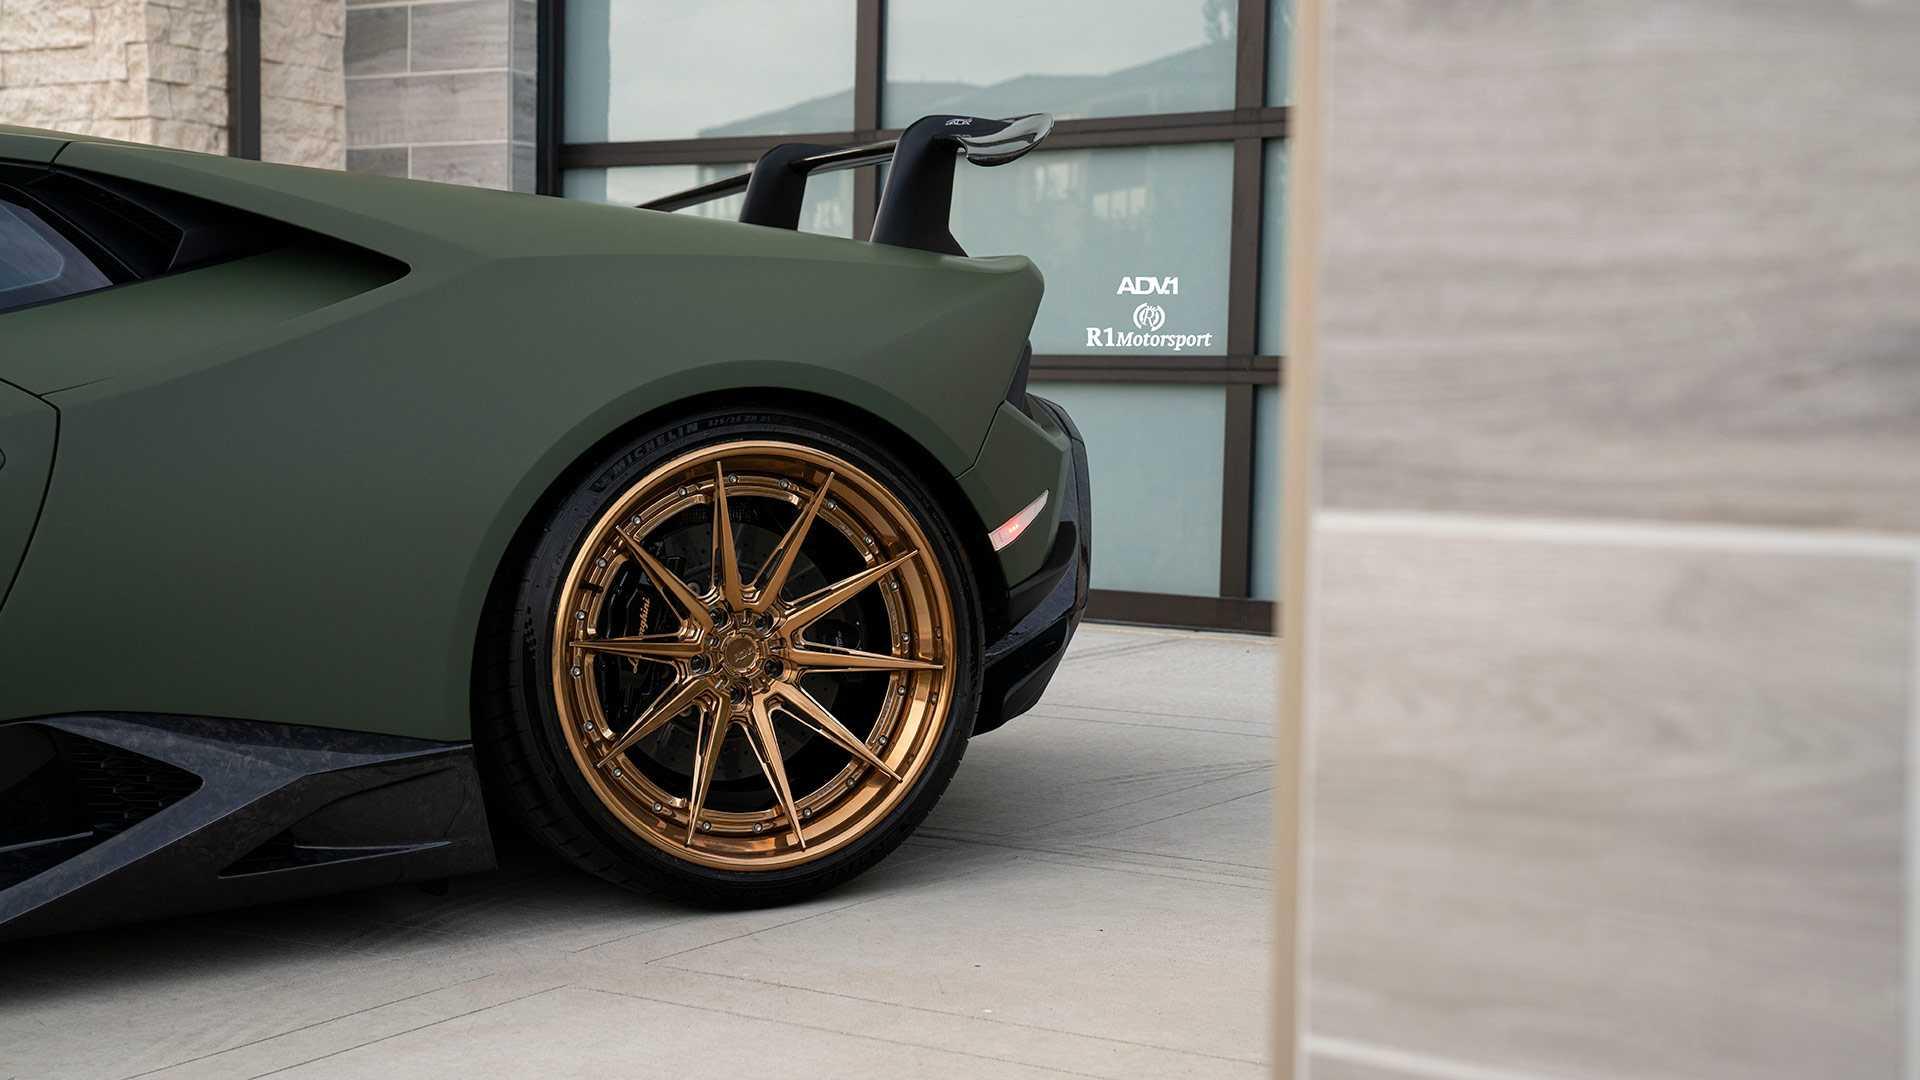 Lamborghini-Huracan-Performante-by-R1-Motorsport-7